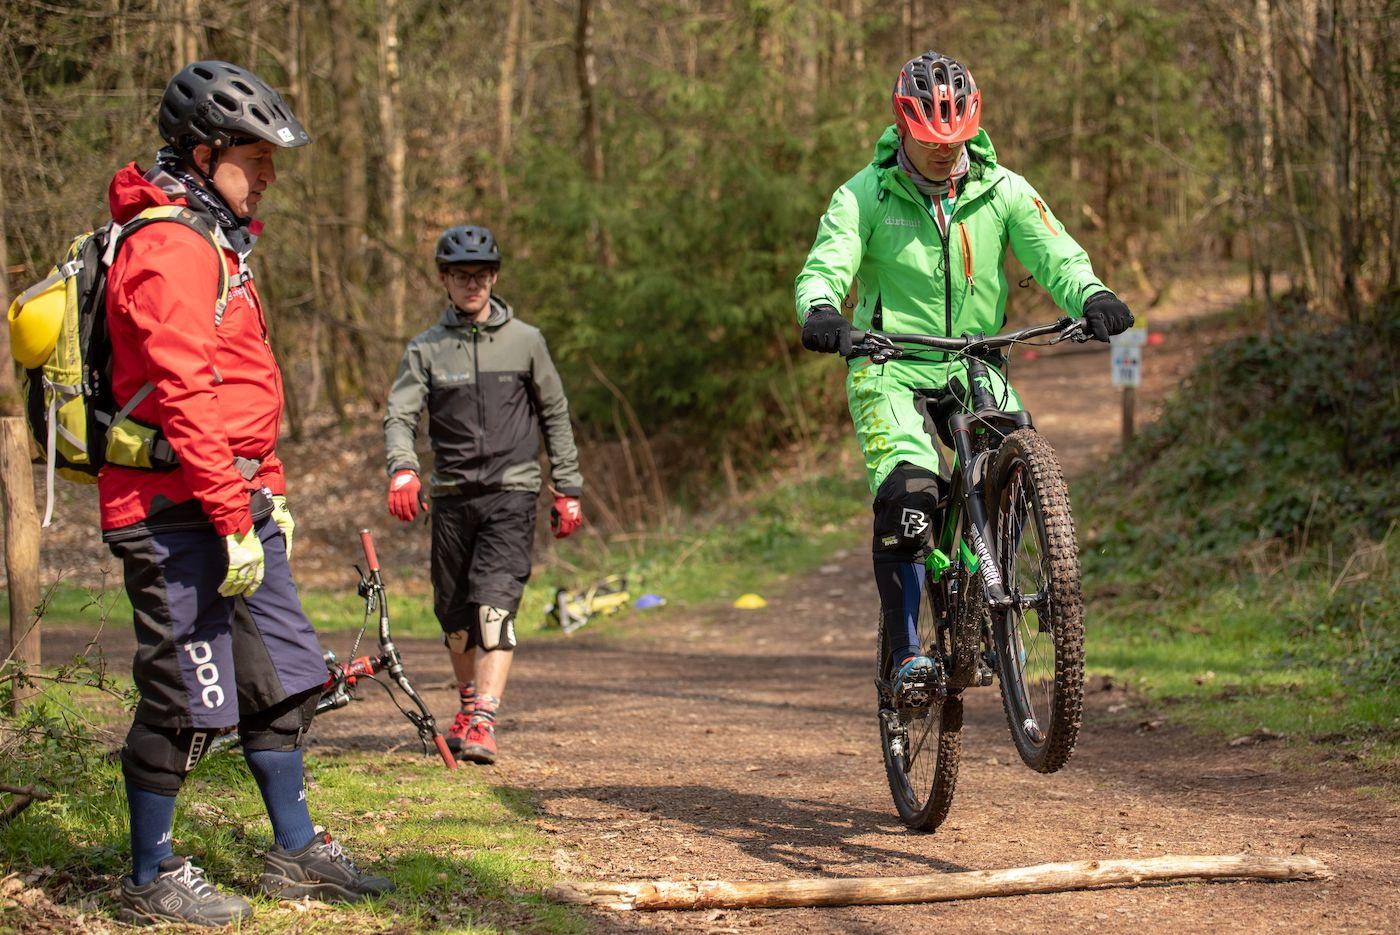 MTB Fahrtechnik Kurs Fortgeschrittene in Berlin - Hauptstadt - Mountainbike Fortgeschritten - Rock my Trail Bikeschule GmbH - 6